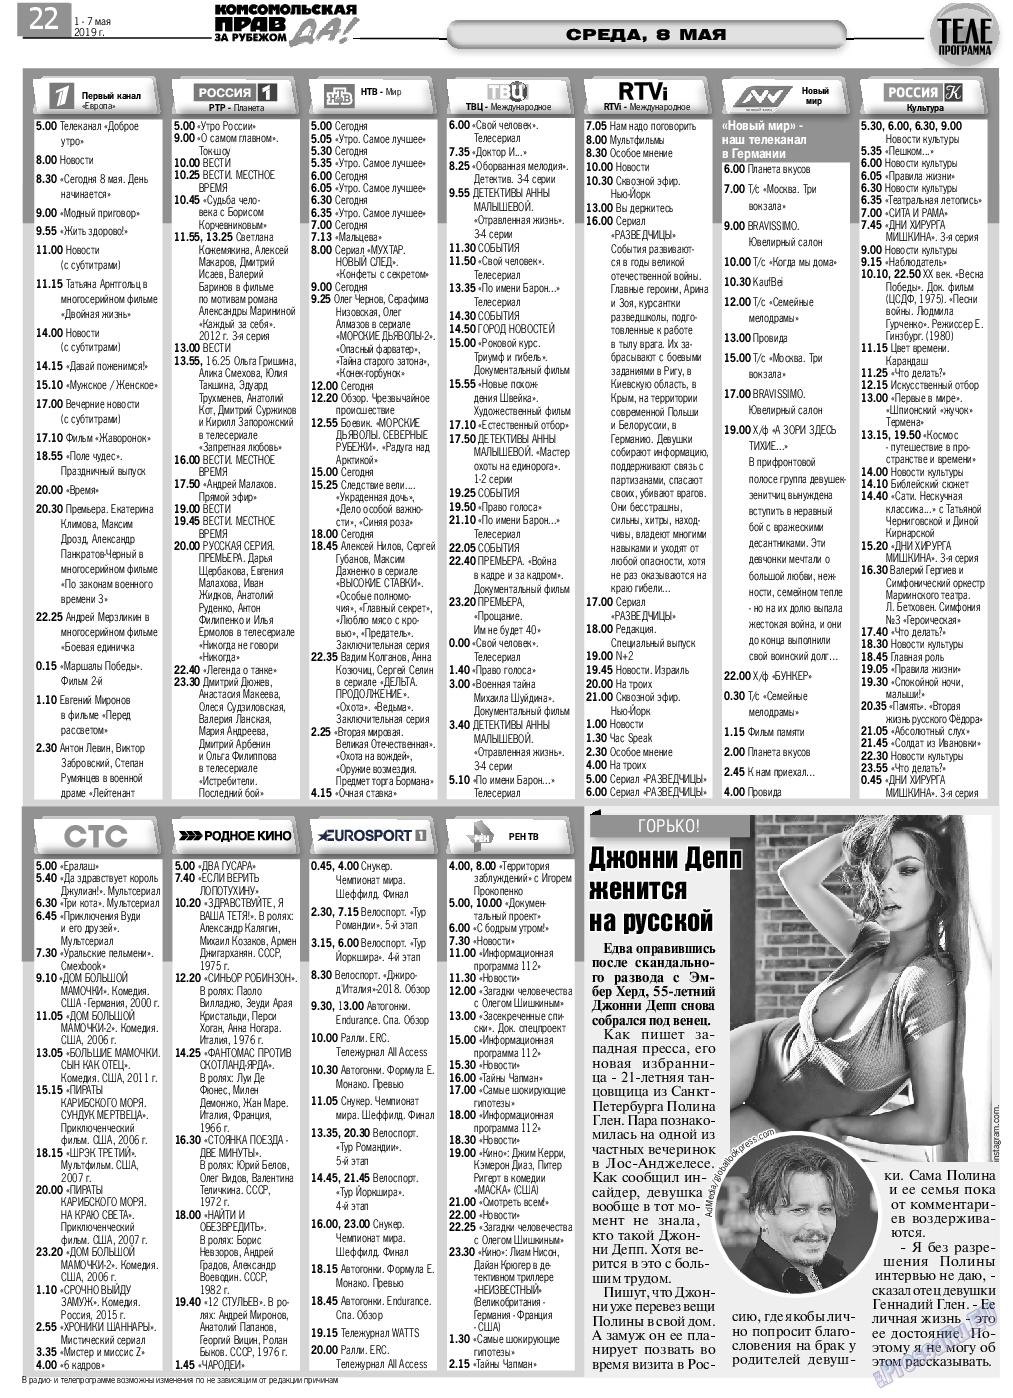 КП в Европе (газета). 2019 год, номер 18, стр. 22